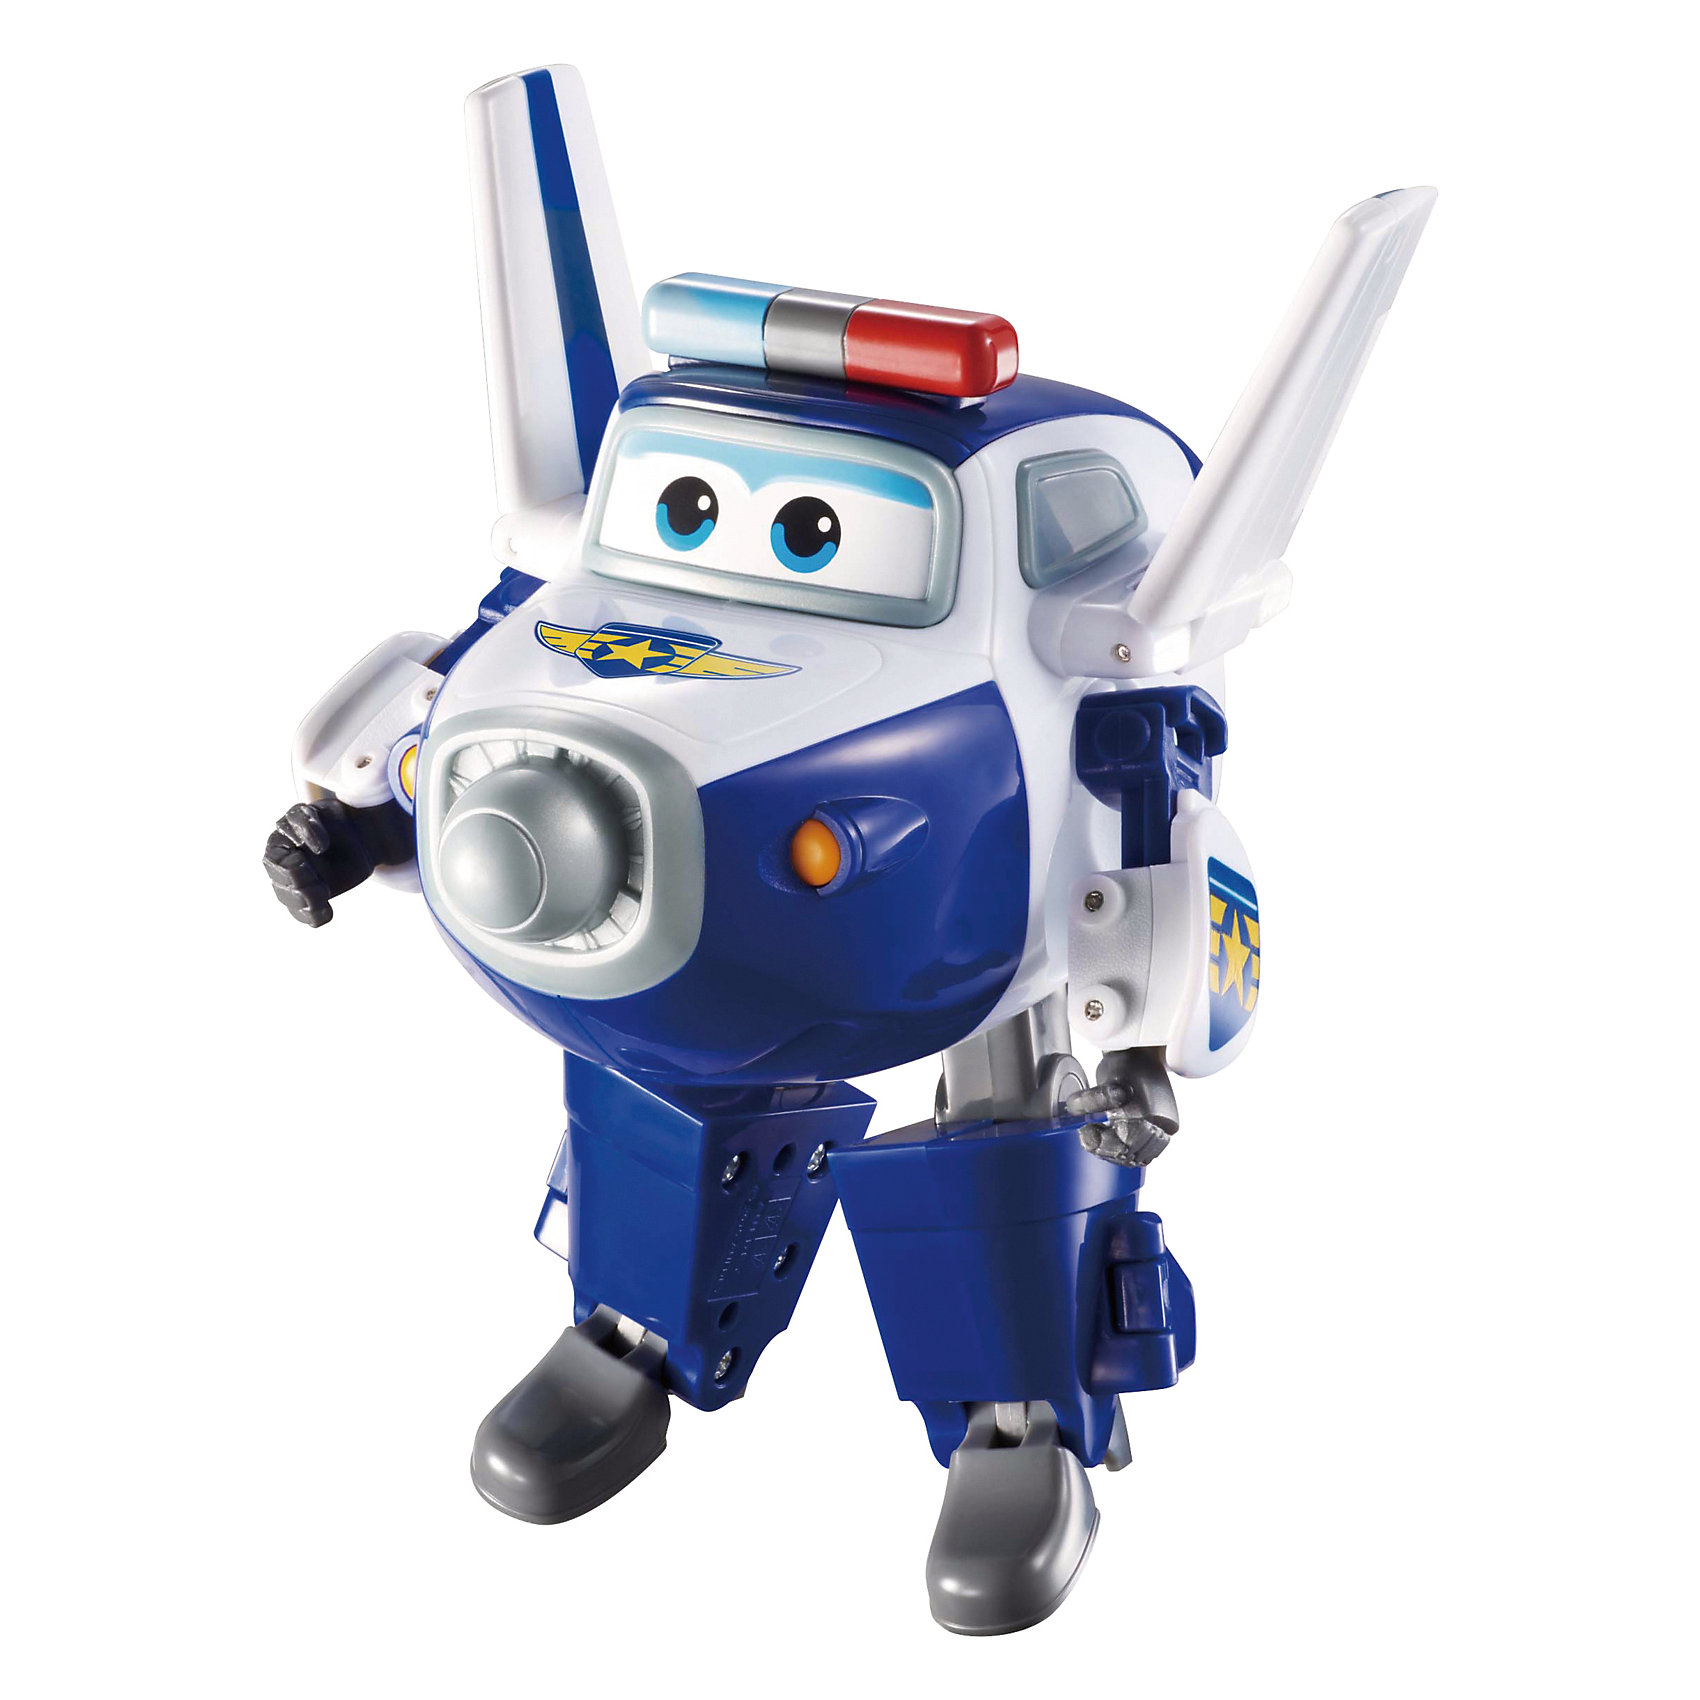 Трансформер Пол, Супер КрыльяФигурки героев<br>Играть с самолетами любит практически каждый ребенок. Сделать игру ярче и увлекательнее поможет герой популярного мультфильма Супер Крылья, любимого детьми. Игрушка всего за несколько мгновений трансформируется из самолета в робота. К нему можно также фигурки-трансформеры заказать друзей из этого мультфильма! Компактный размер позволит ребенку брать игрушку с собой в гости или на прогулку.                <br>Этот трансформер обязательно порадует ребенка! Игры с ним также помогают детям развивать воображение, логику, мелкую моторику и творческое мышление. Самолет сделан из качественных и безопасных для ребенка материалов.<br><br>Дополнительная информация:<br><br>цвет: разноцветный;<br>размер упаковки: 13 х 16 х 7 см;<br>вес: 400 г;<br>материал: пластик.<br><br>Игрушку Трансформер Пол можно купить в нашем магазине.<br><br>Ширина мм: 130<br>Глубина мм: 160<br>Высота мм: 70<br>Вес г: 400<br>Возраст от месяцев: 36<br>Возраст до месяцев: 2147483647<br>Пол: Мужской<br>Возраст: Детский<br>SKU: 4918781